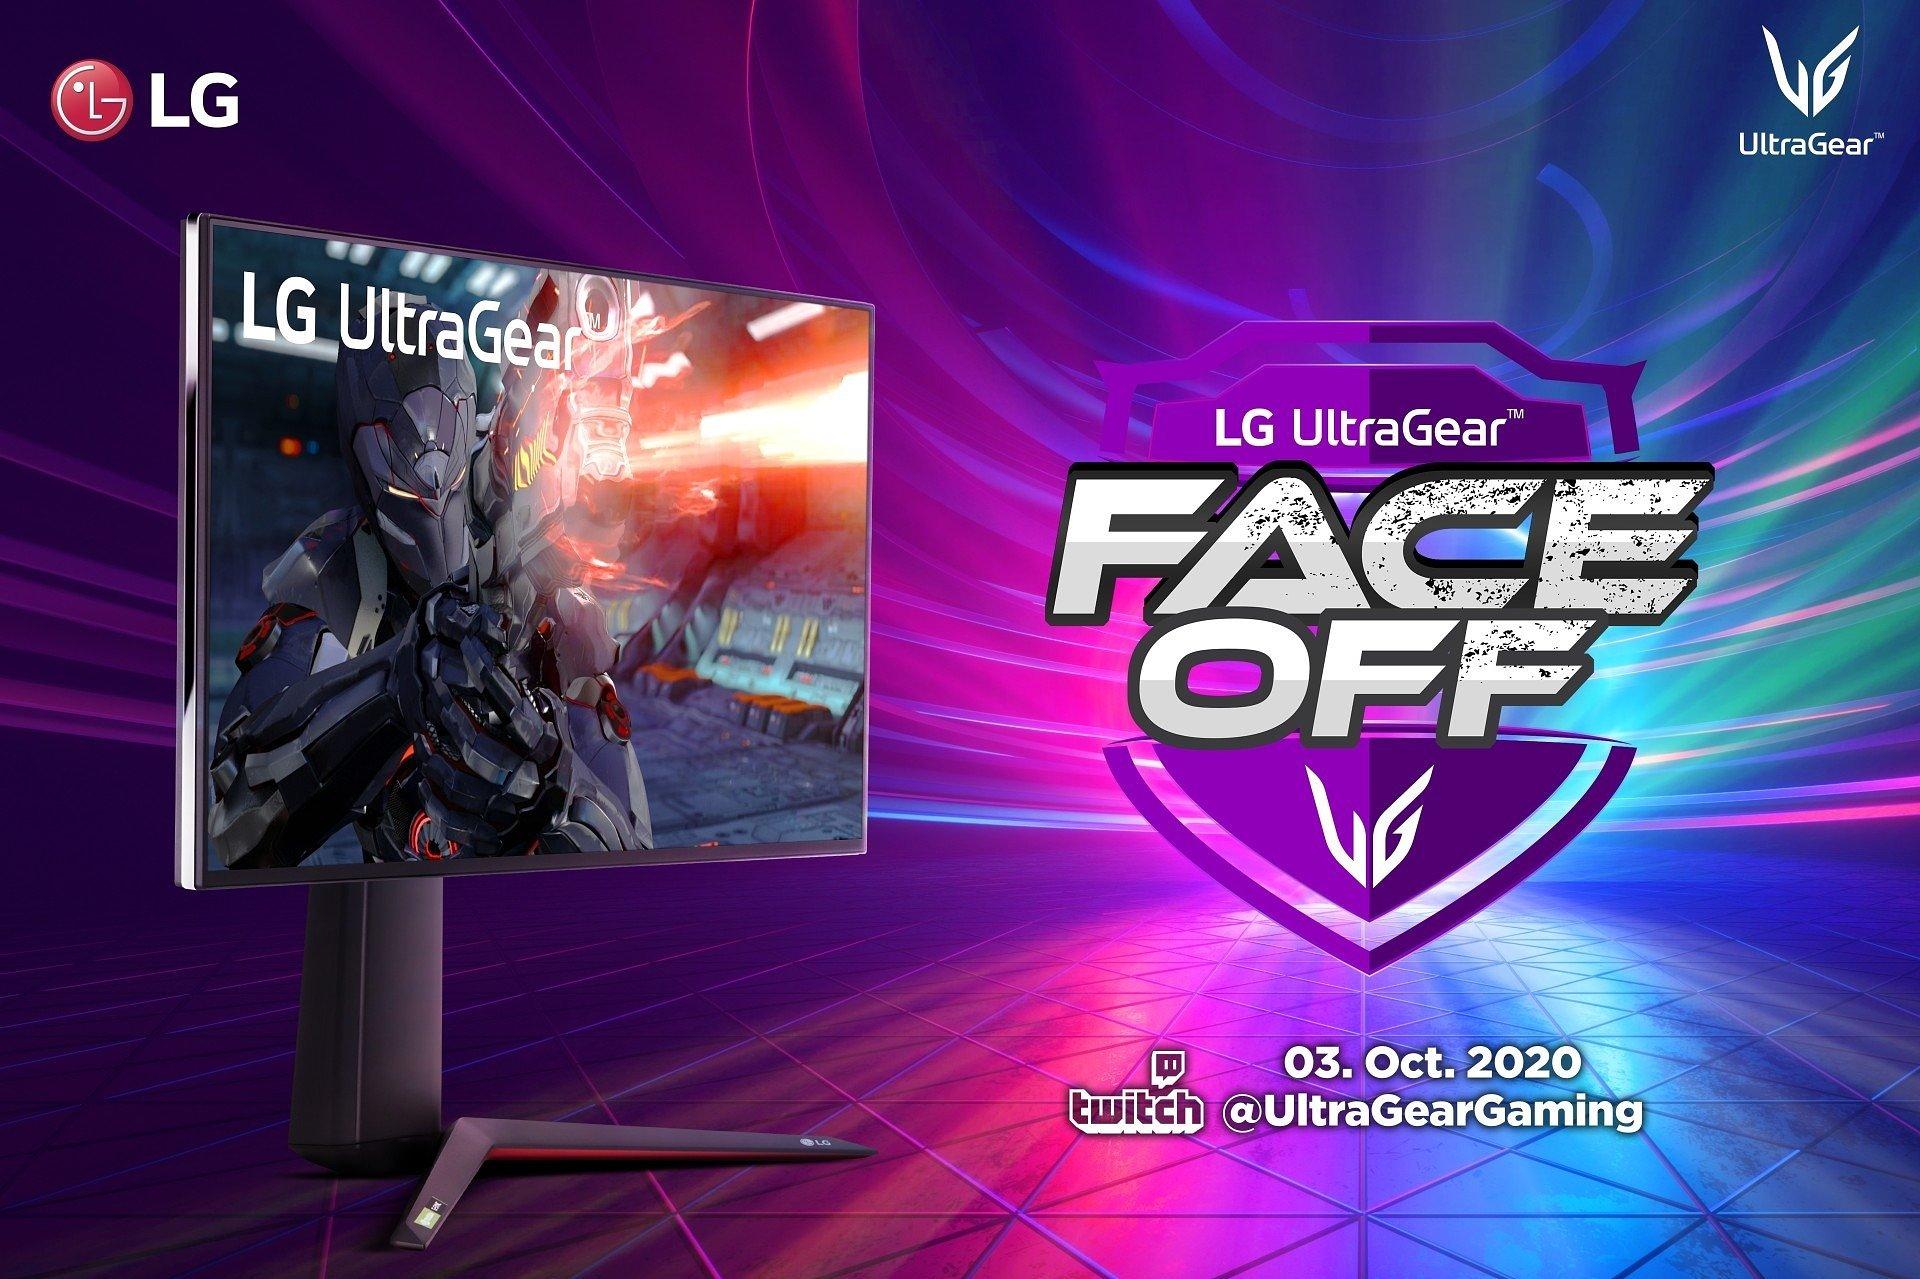 Już w weekend LG UltraGear™ FACE-OFF – turniej dla najlepszych graczy Valorant